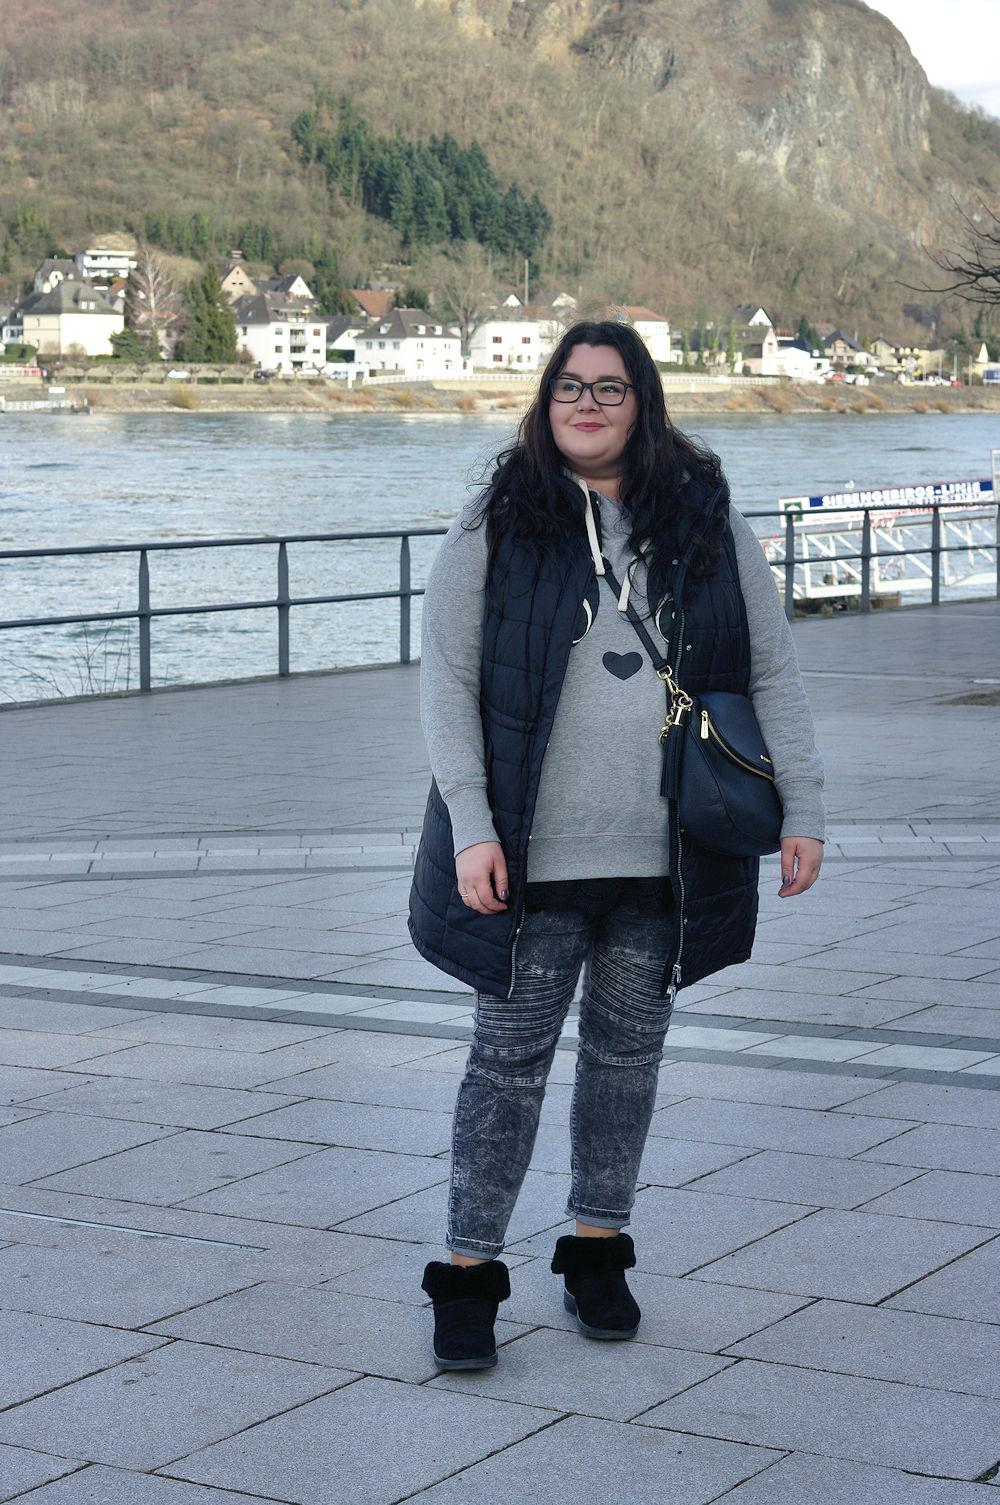 Große Größen Plus Size Fashion Blog FitFlop mukluk shorty 2 long vest lange weste sheego takko biker jeans